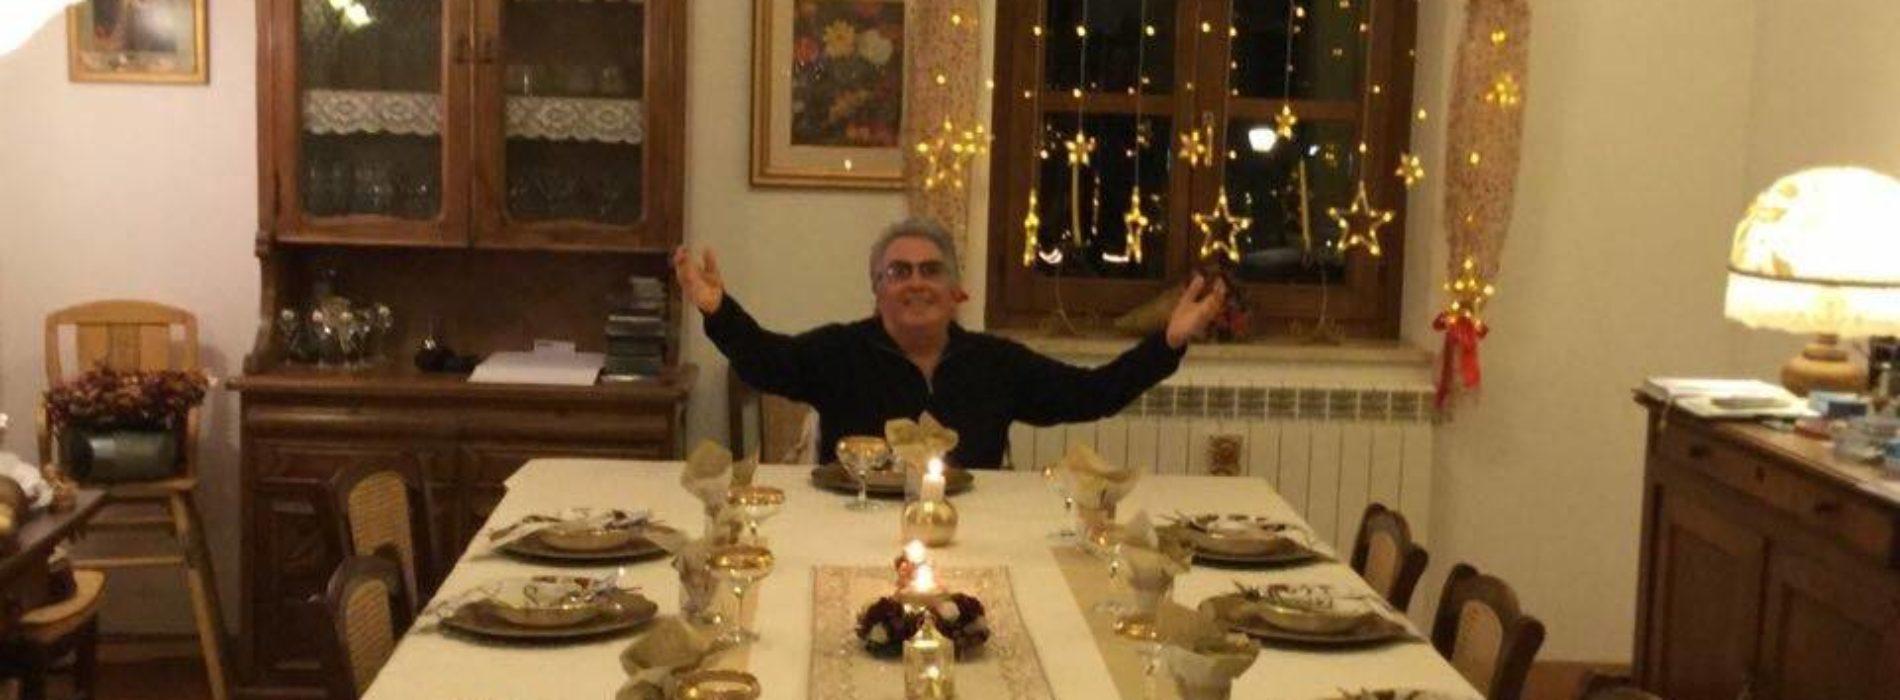 Lando Fiorini e il Puff, Marcello Marchesi nel cabaret-ristorante, tra fagioli con le cotiche e trippa